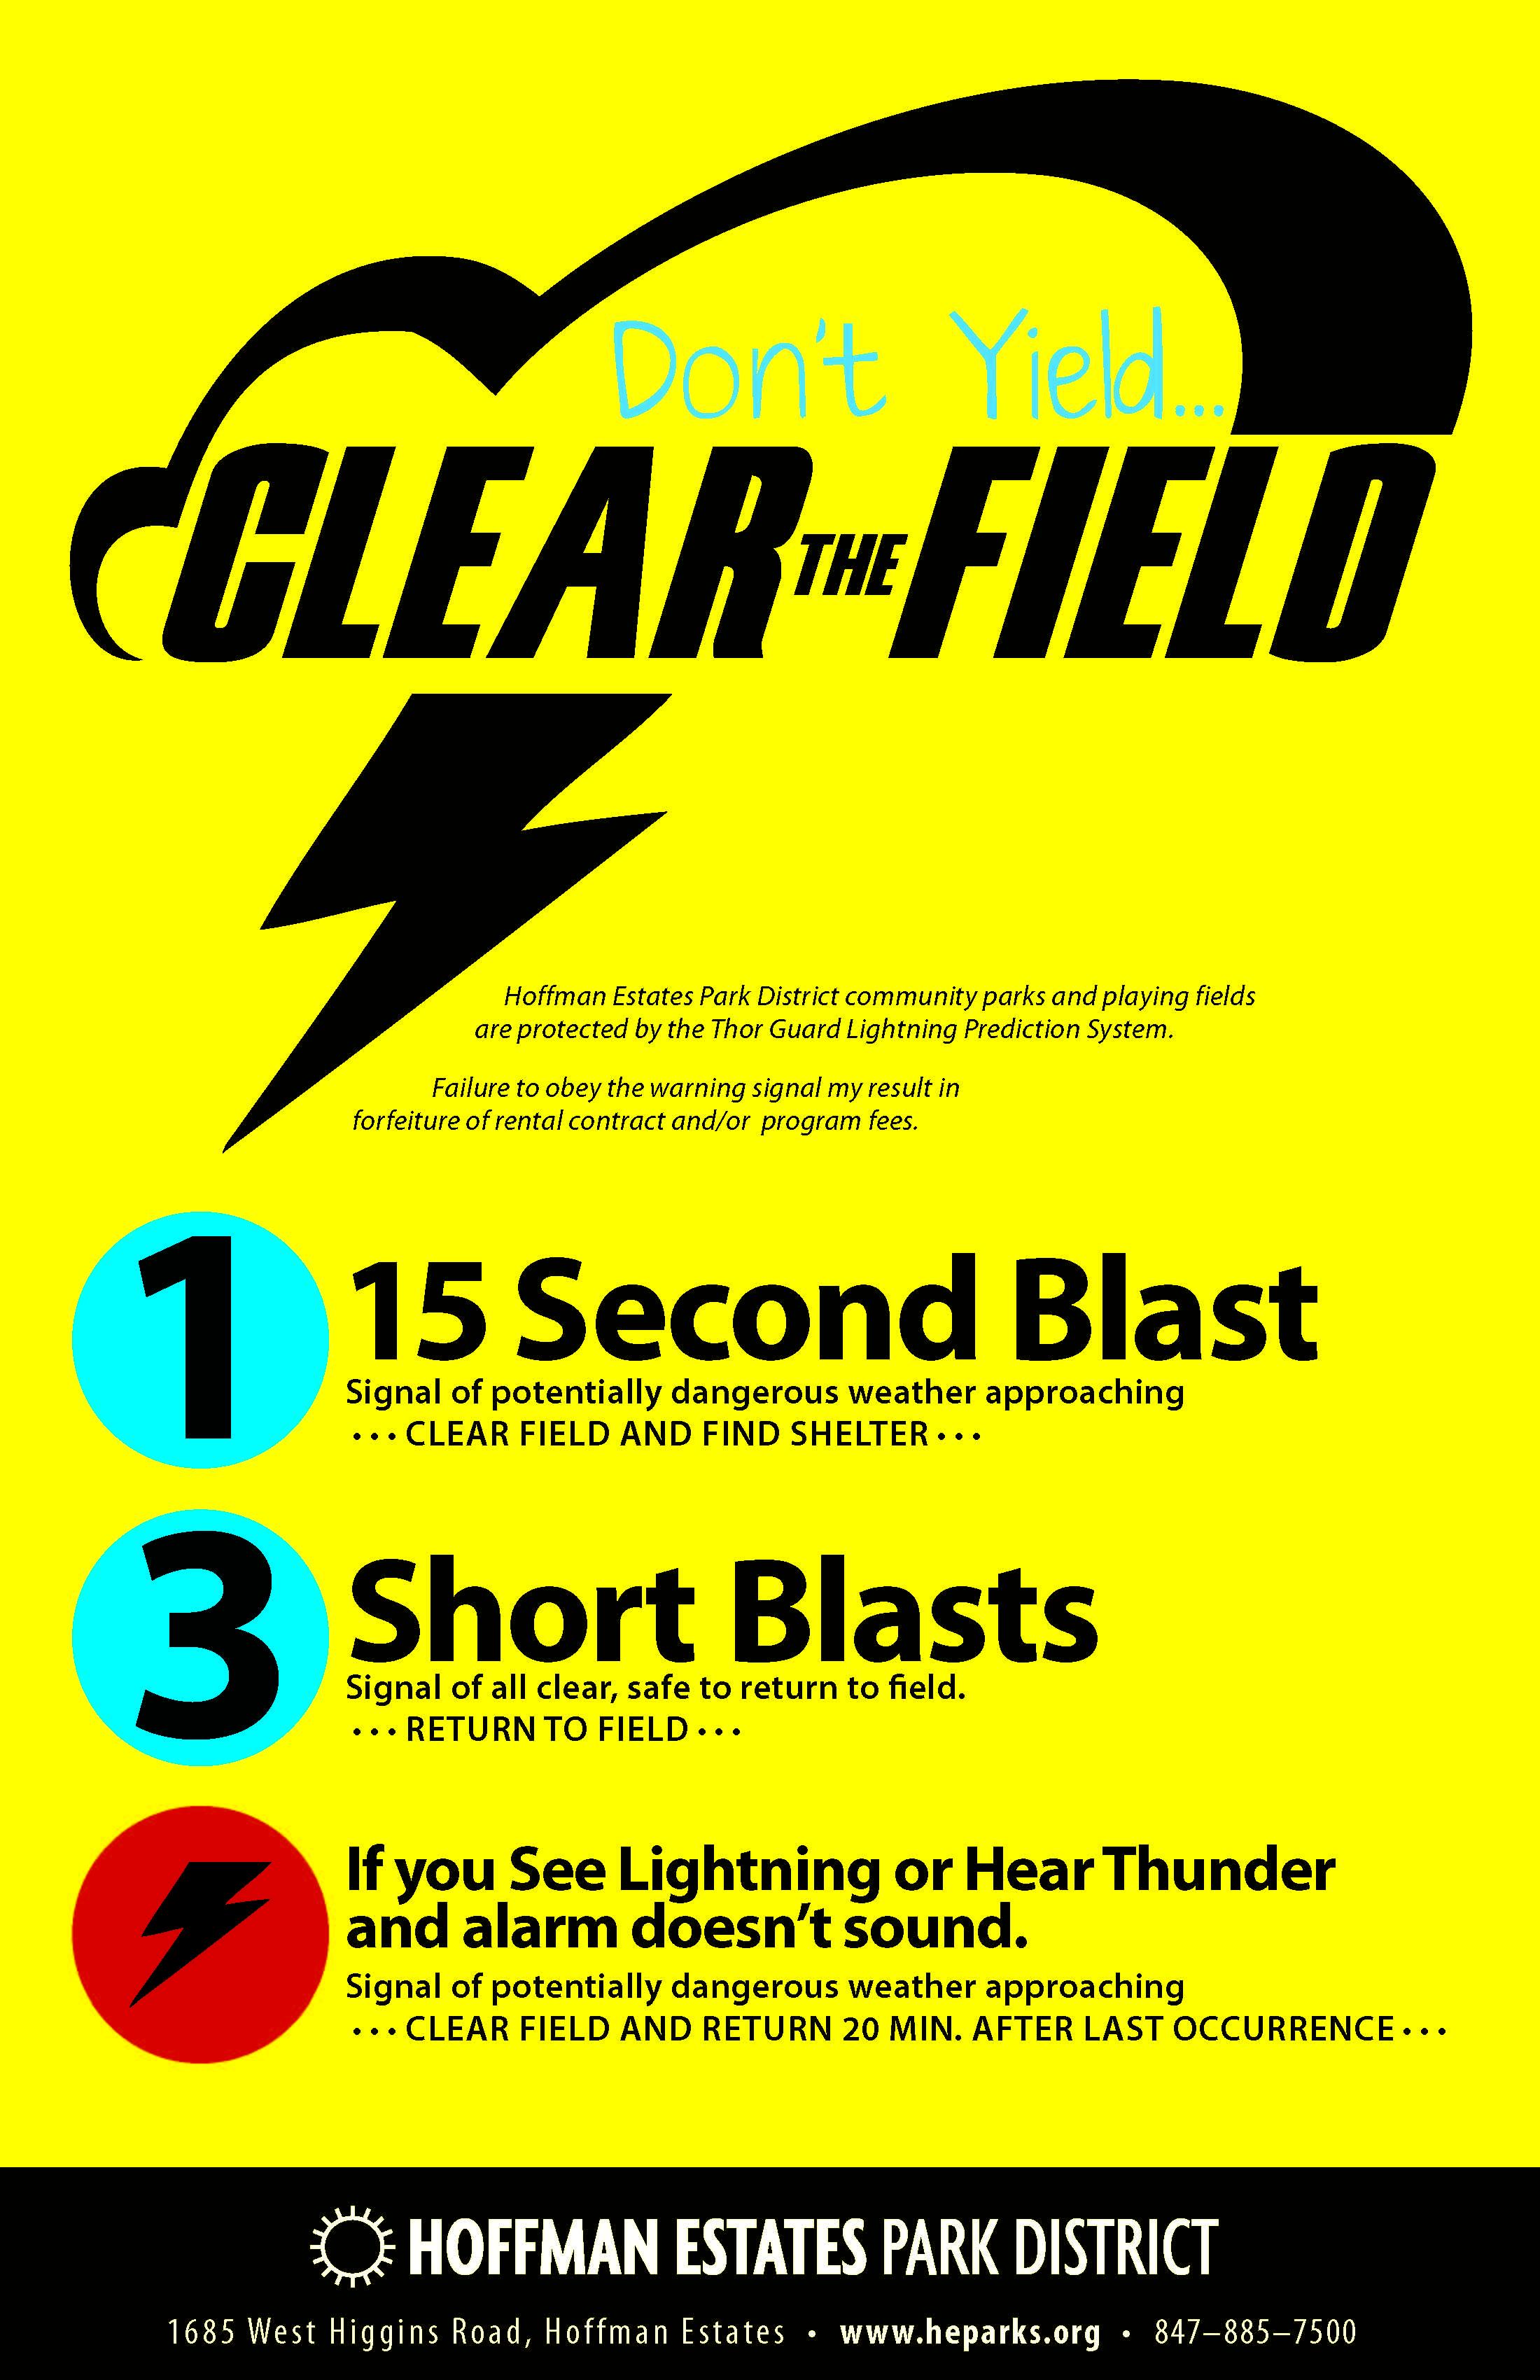 Best Alarm System >> Thor Guard Lightning Prediction System - Hoffman Estates Park District